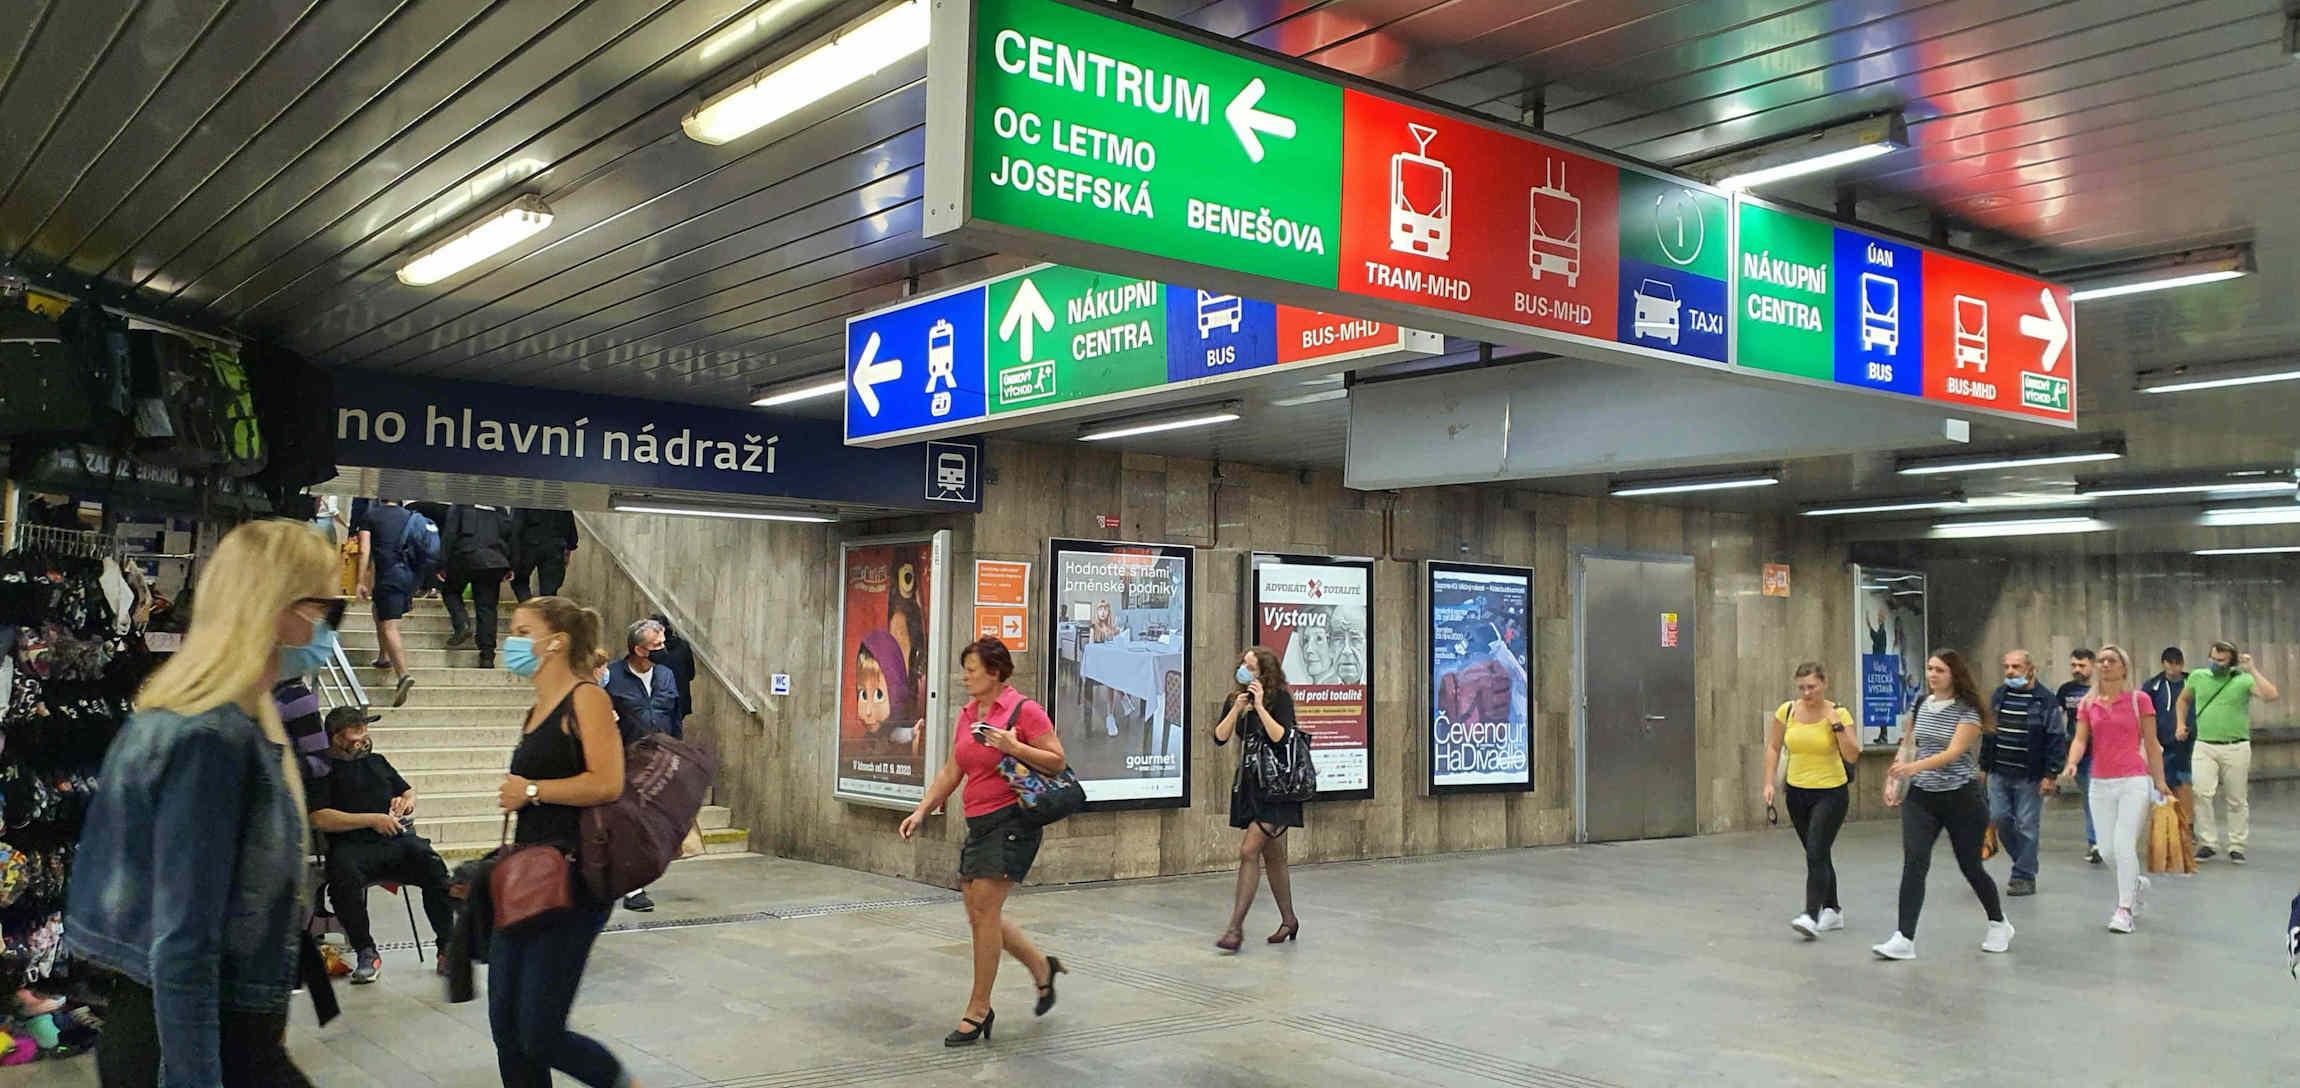 Cedule s odjezdy v pochodu pod hlavním nádražím v Brně